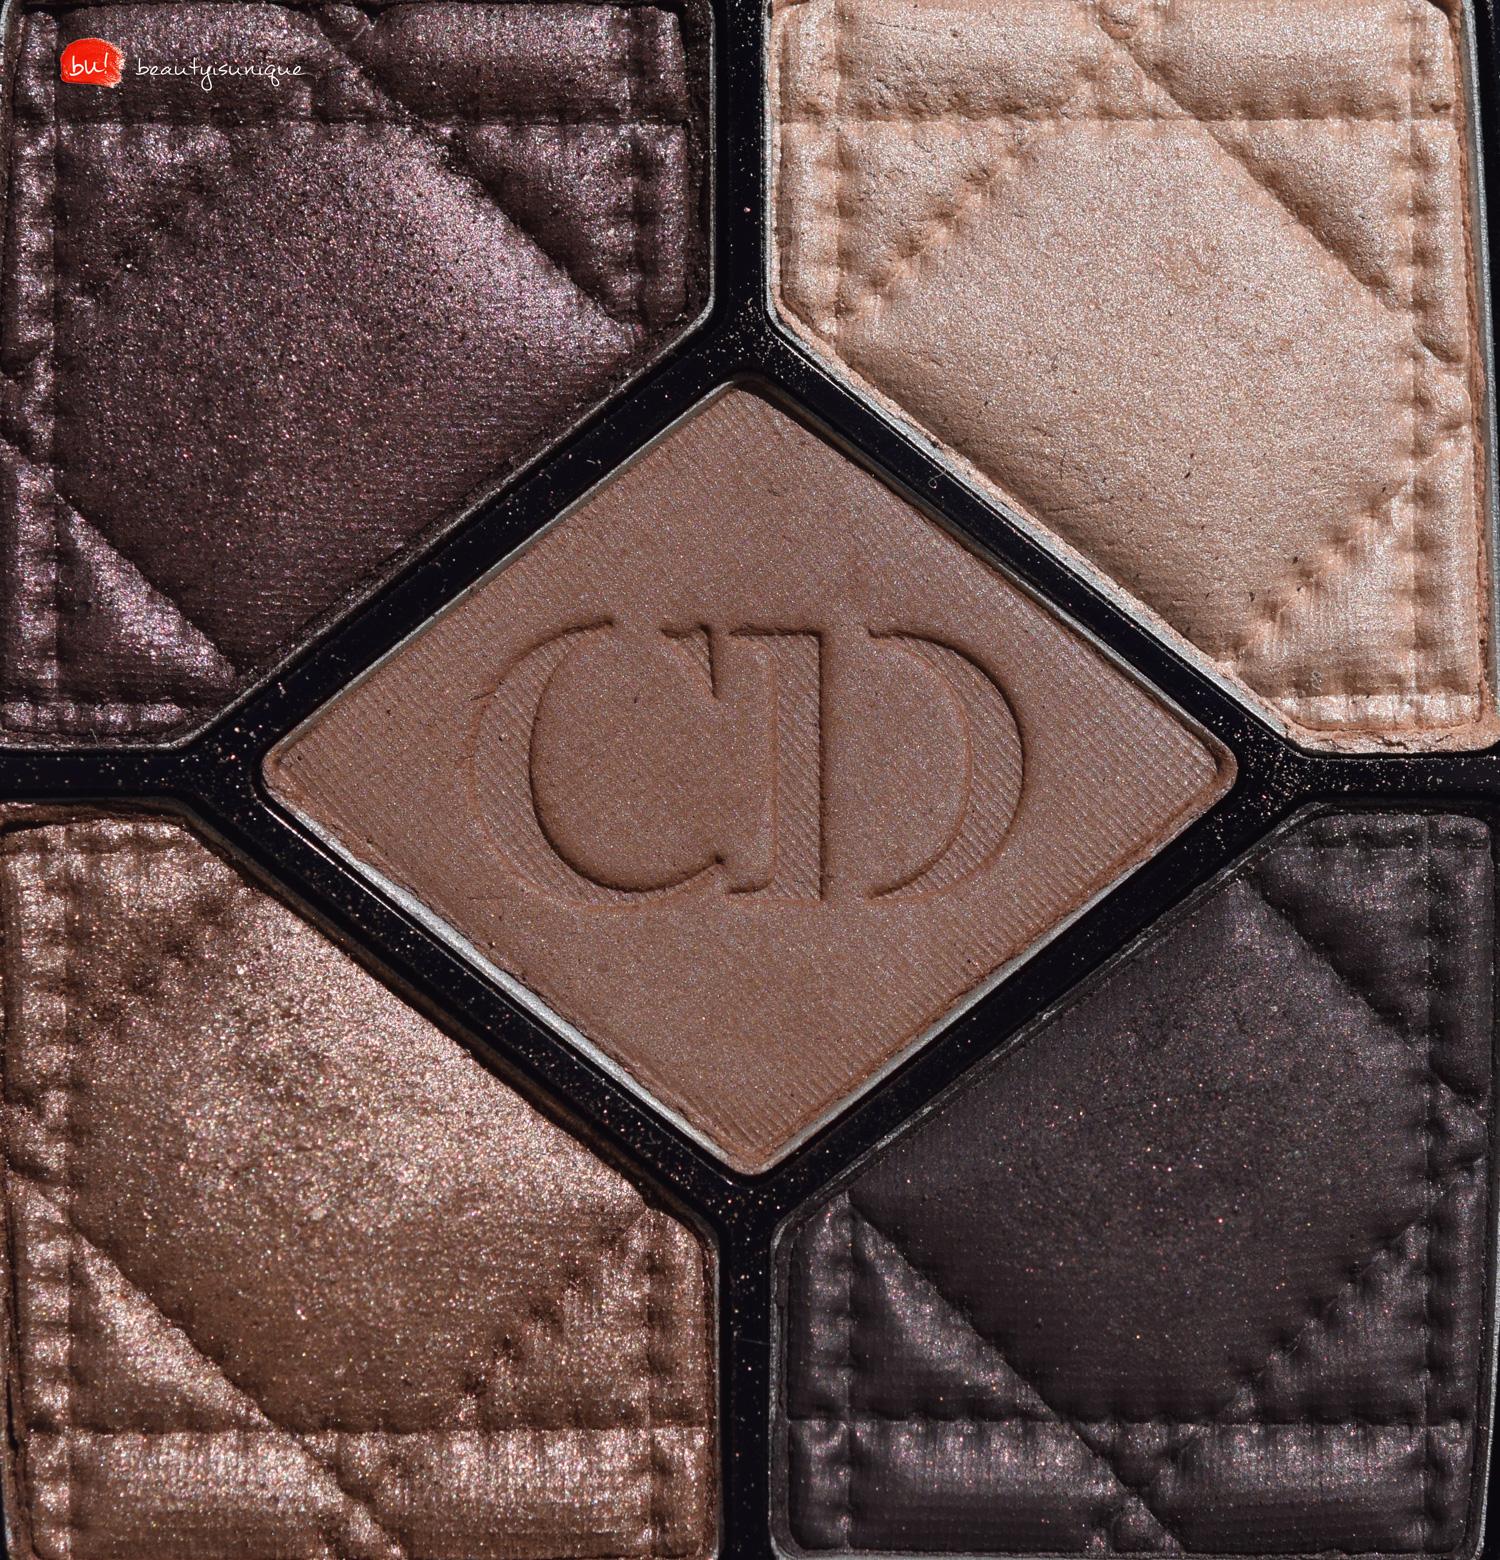 dior-cuir-cannage-796-eyeshadow